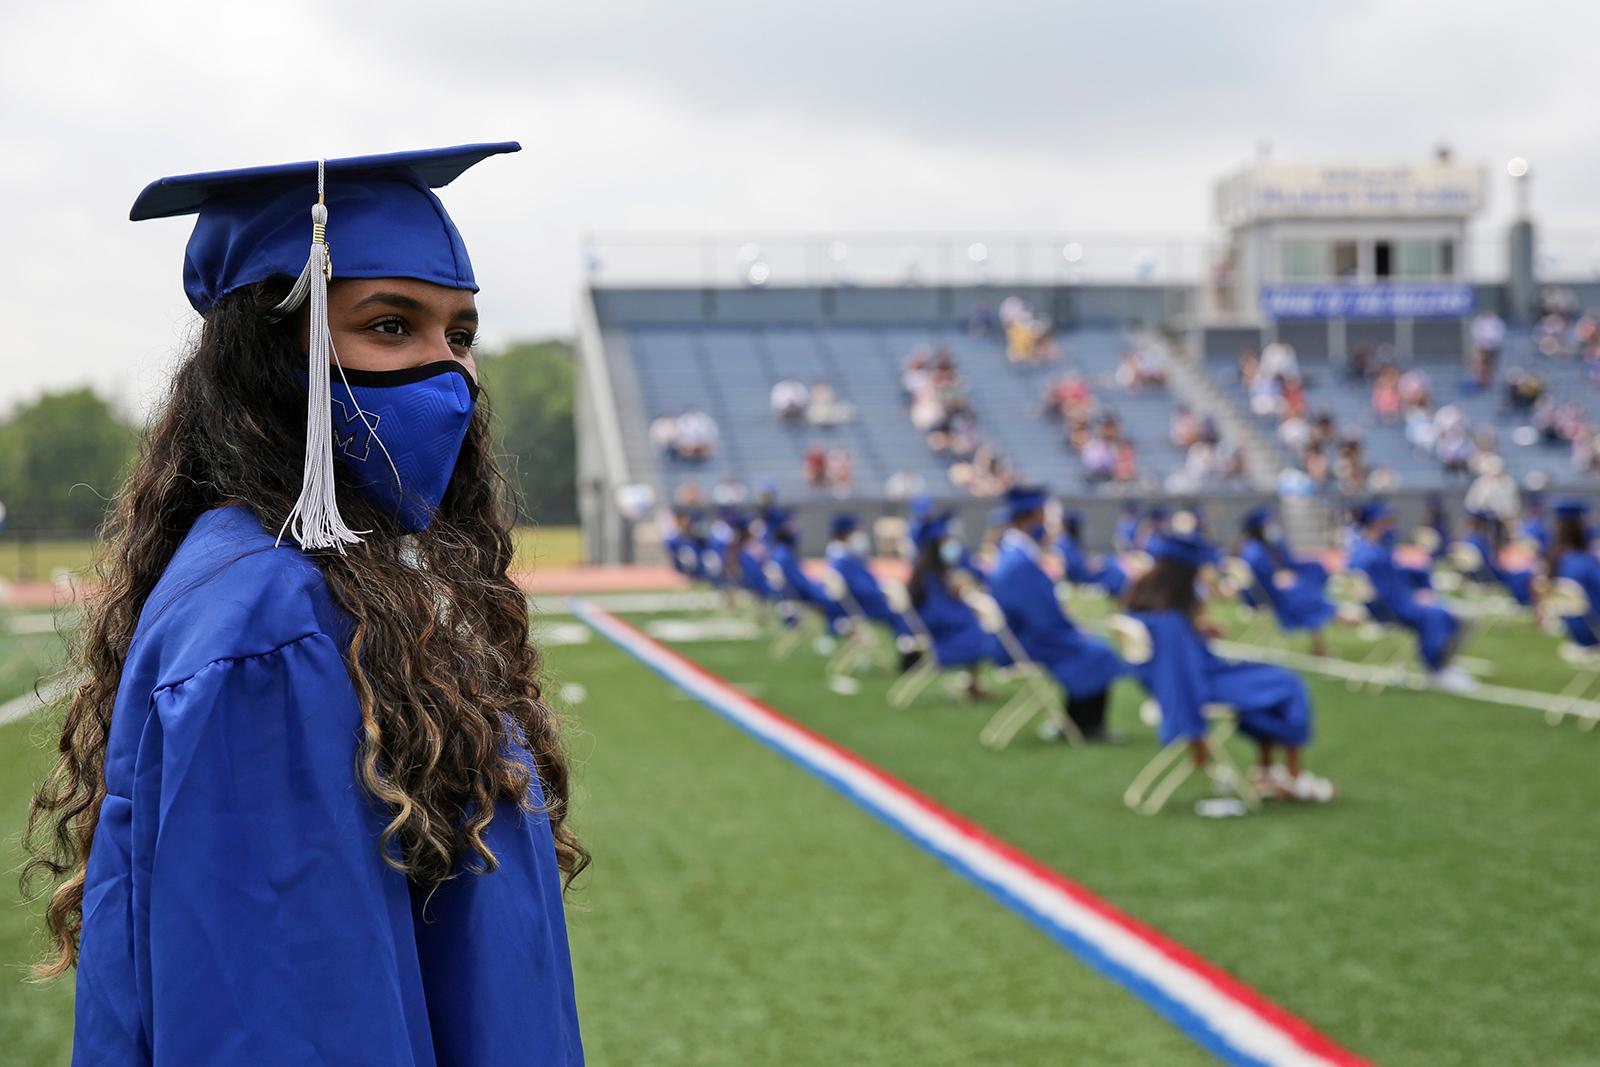 A student prepares to walk in a graduation ceremony at Millburn High School in Millburn, N.J., Wednesday, July 8, 2020. (Seth Wenig/AP via CNN Wire)